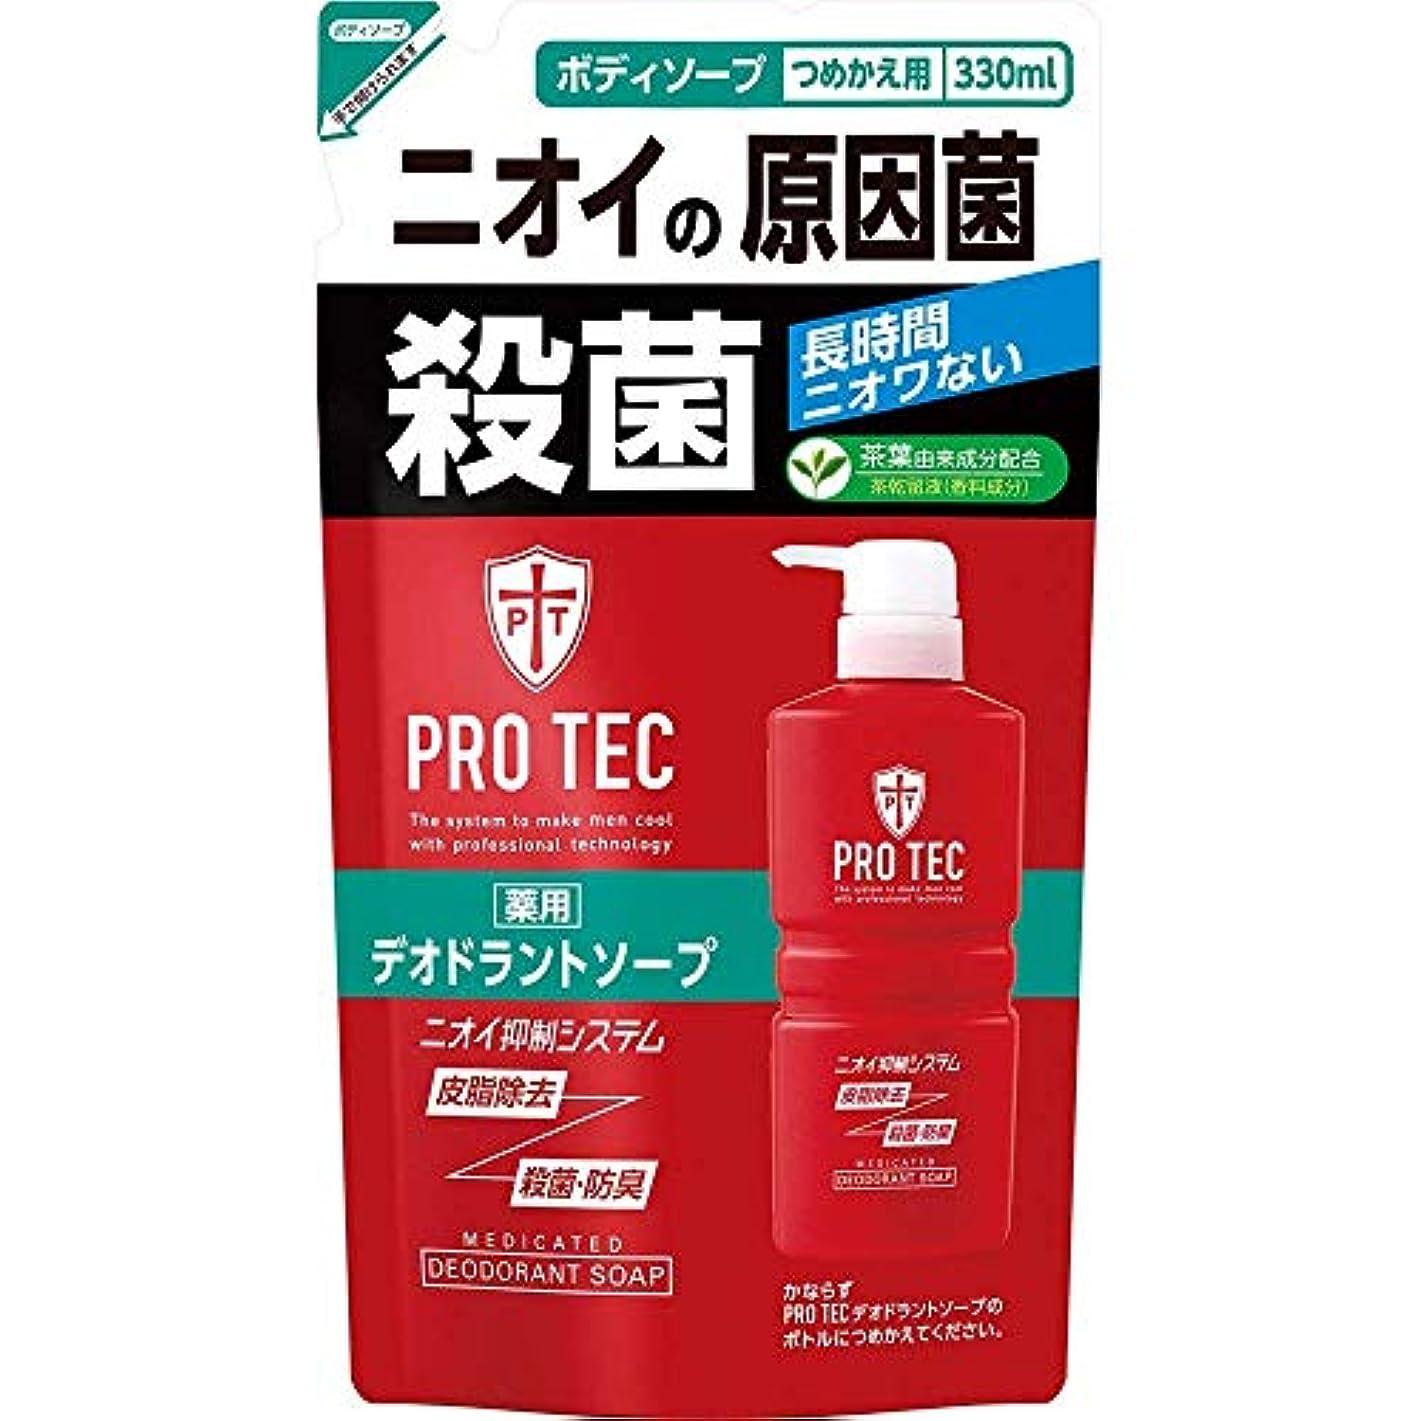 ひどく第効能あるPRO TEC デオドラントソープ つめかえ用 330ml ×2セット